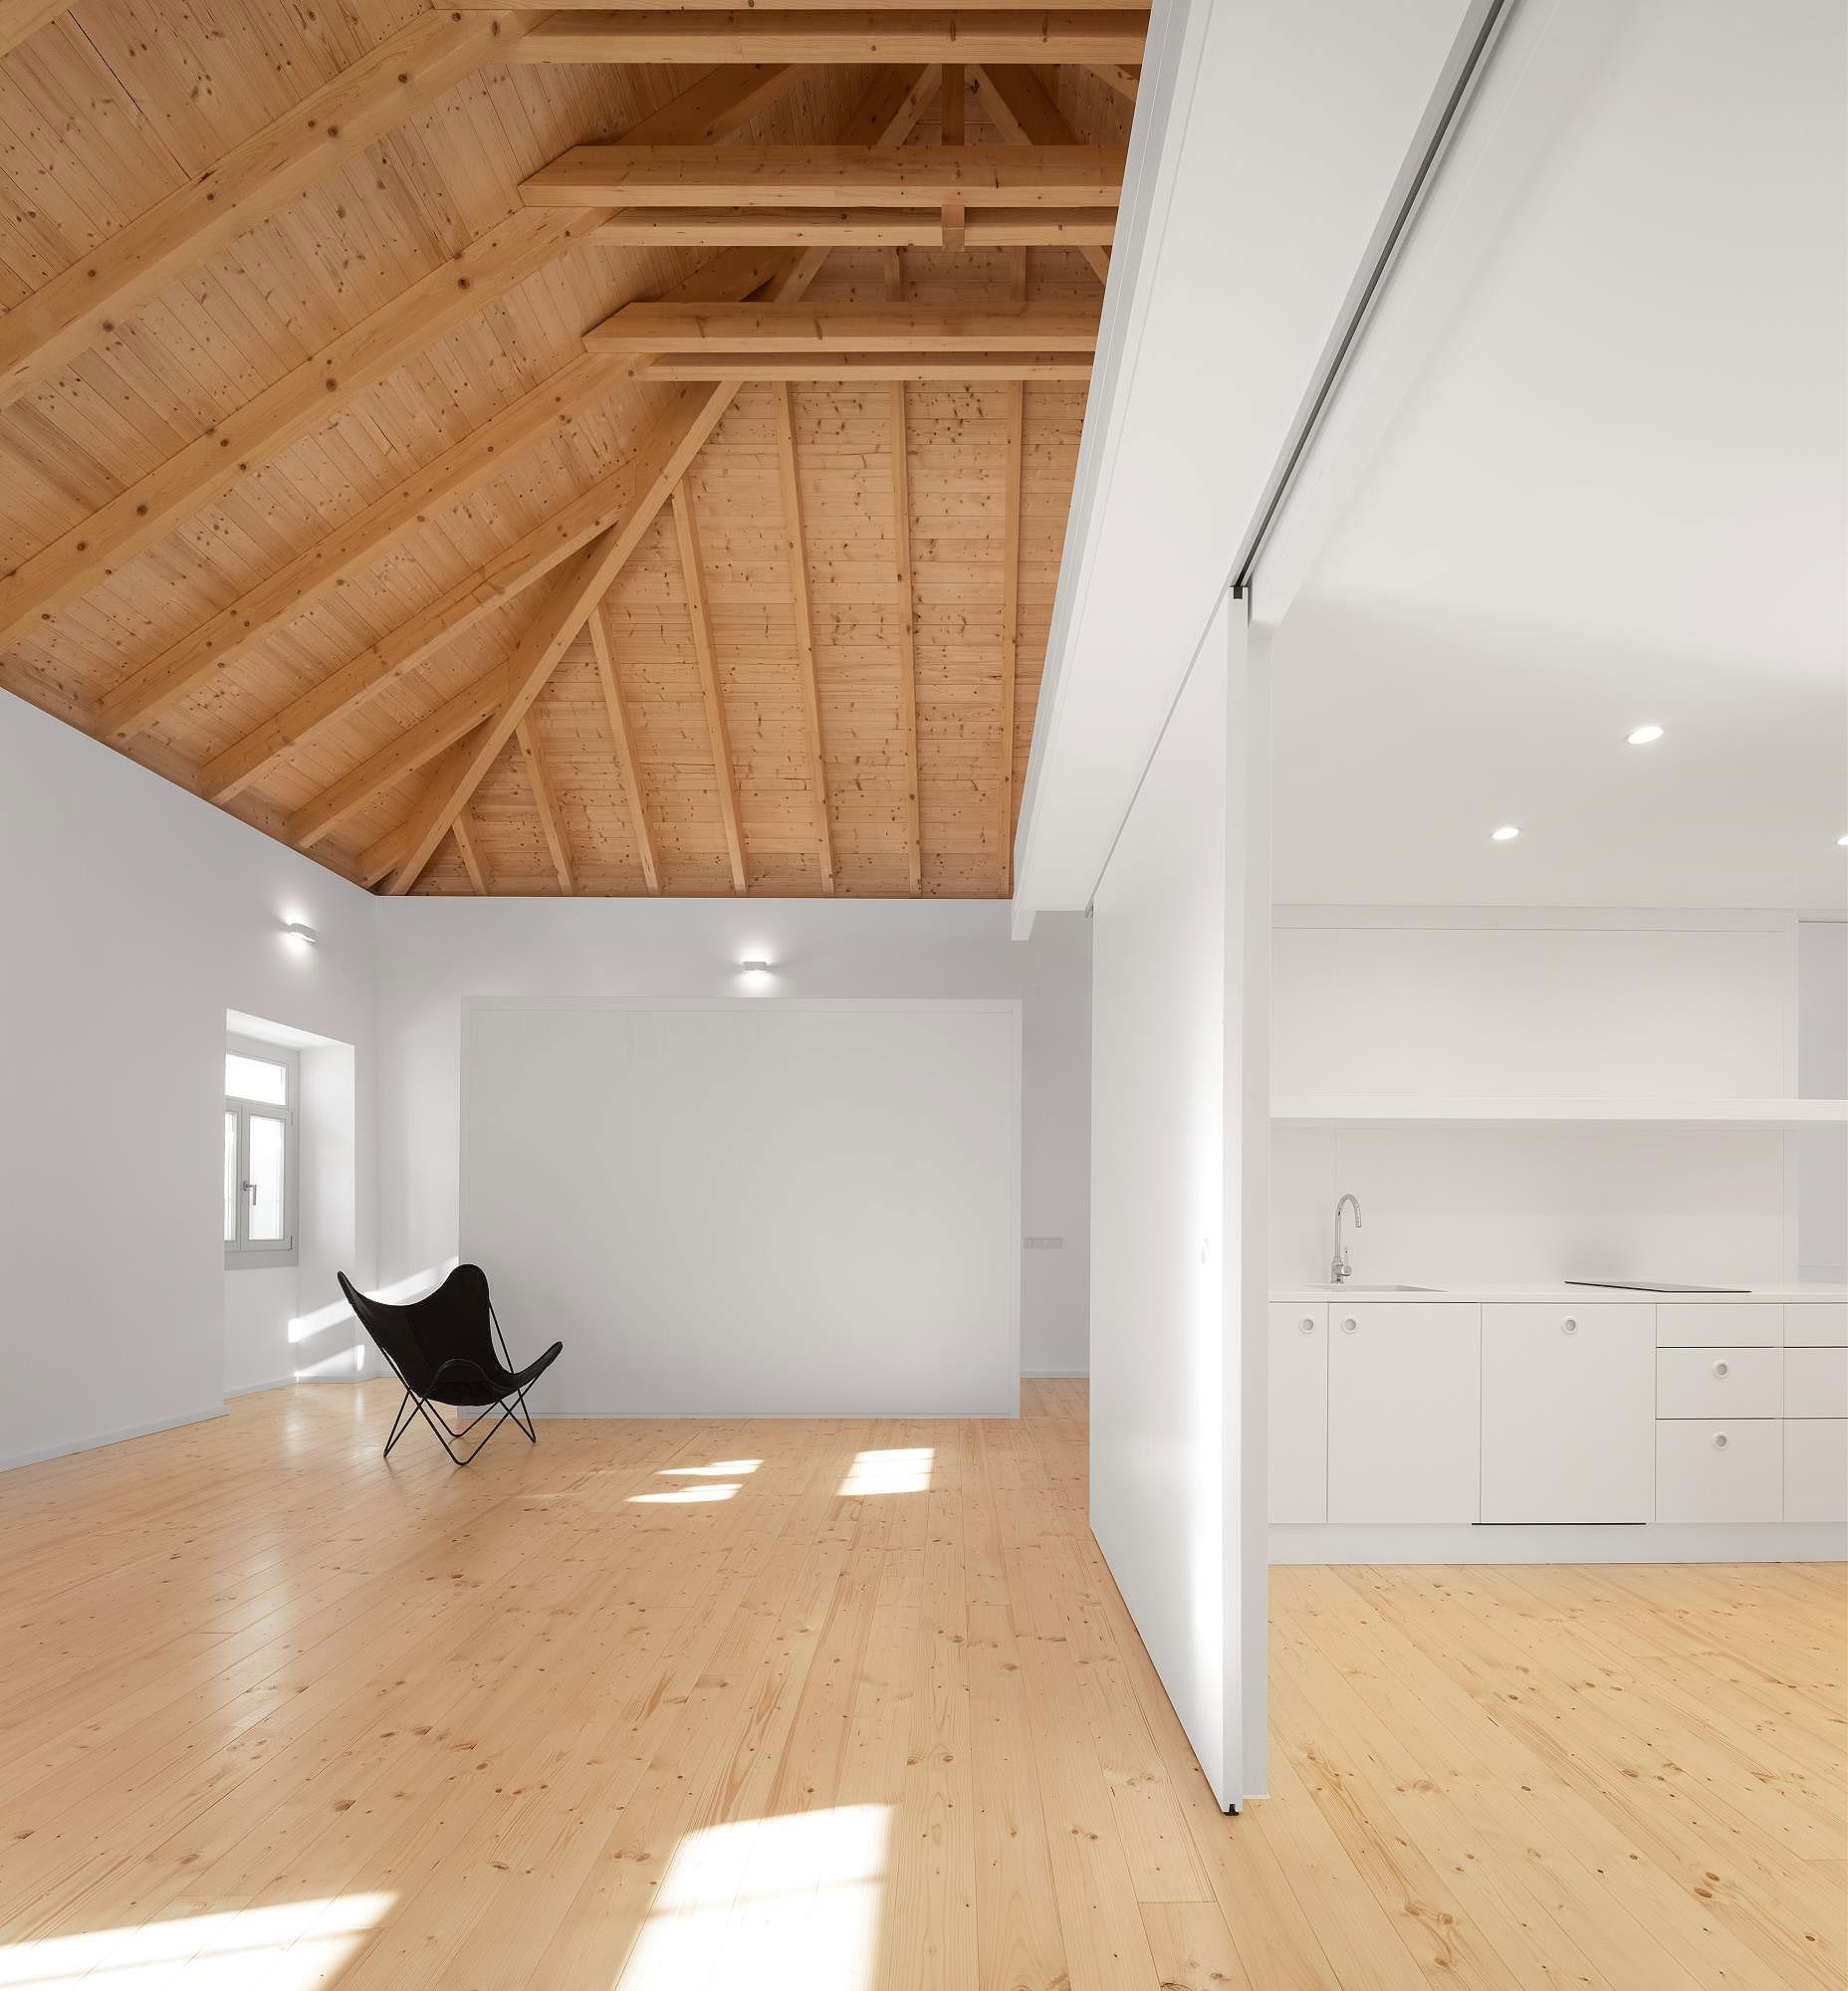 Histórica edificación convertida en galería de arte y loft, por